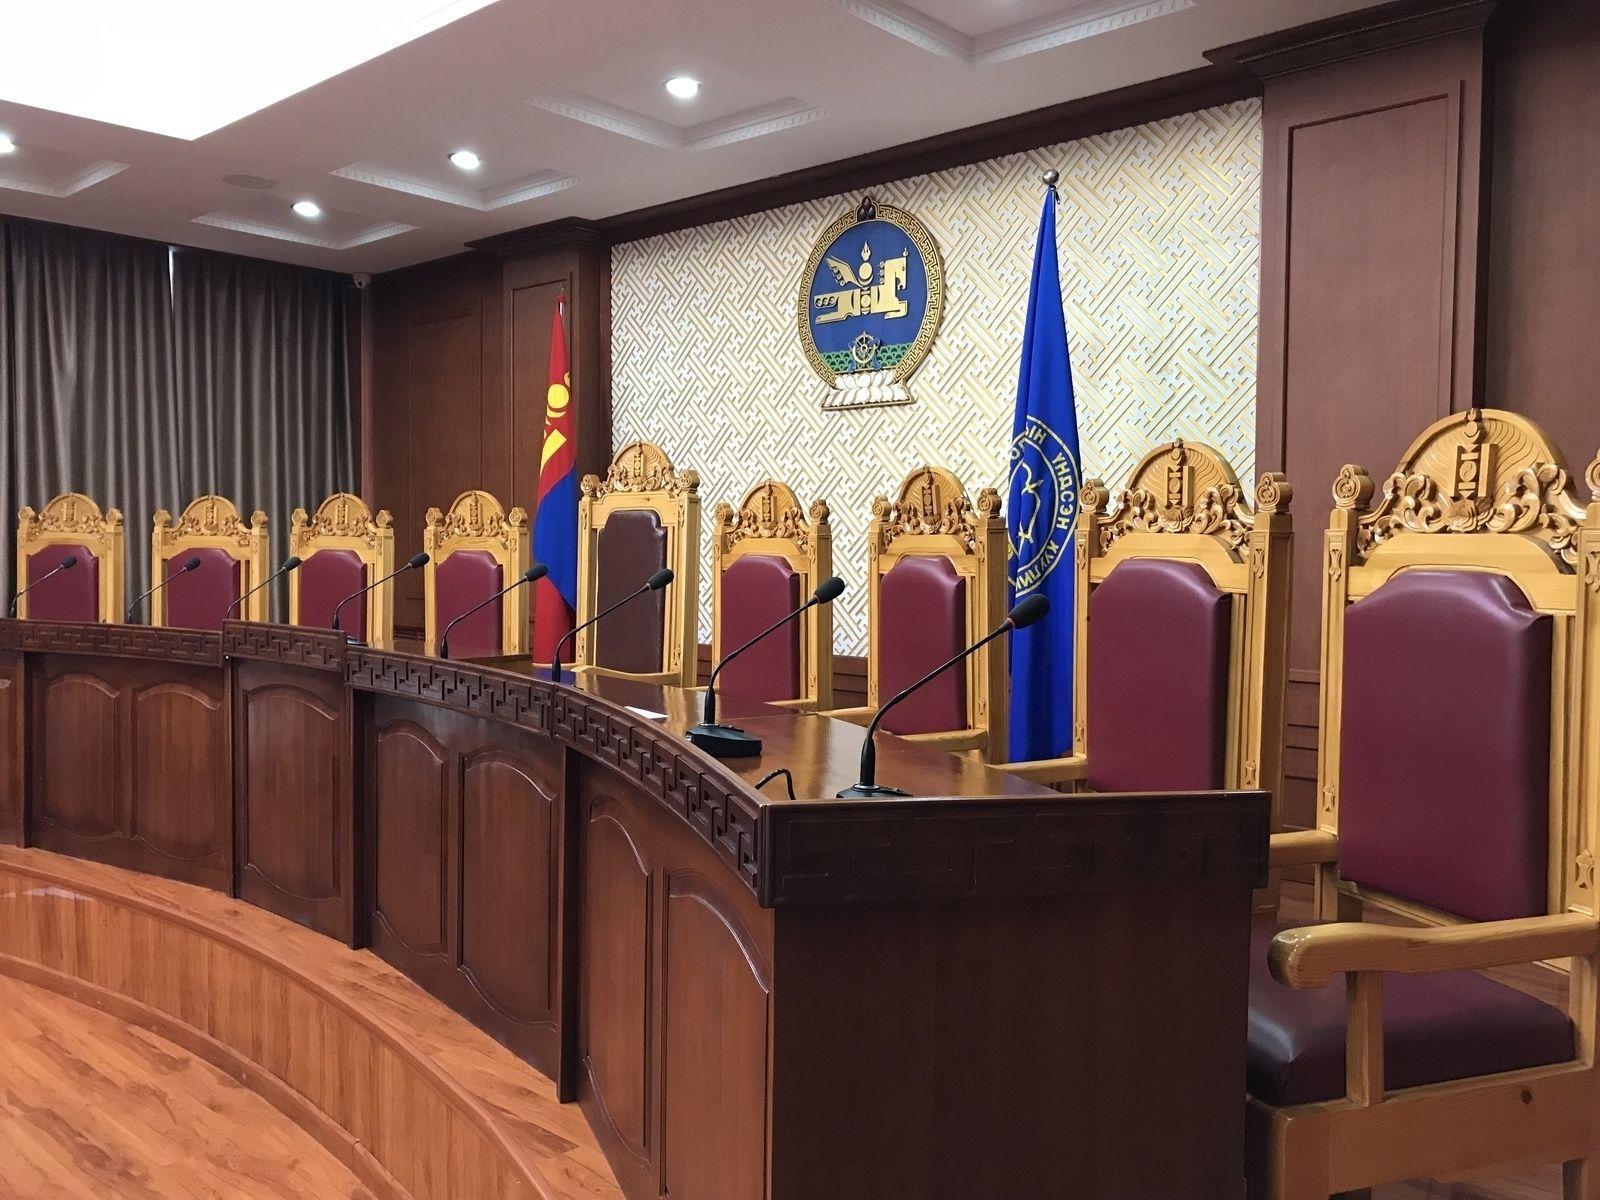 Үндсэн хуулийн цэцийн гишүүнээр хэн ажиллах нь хэнд, ямар хамаатай вэ?